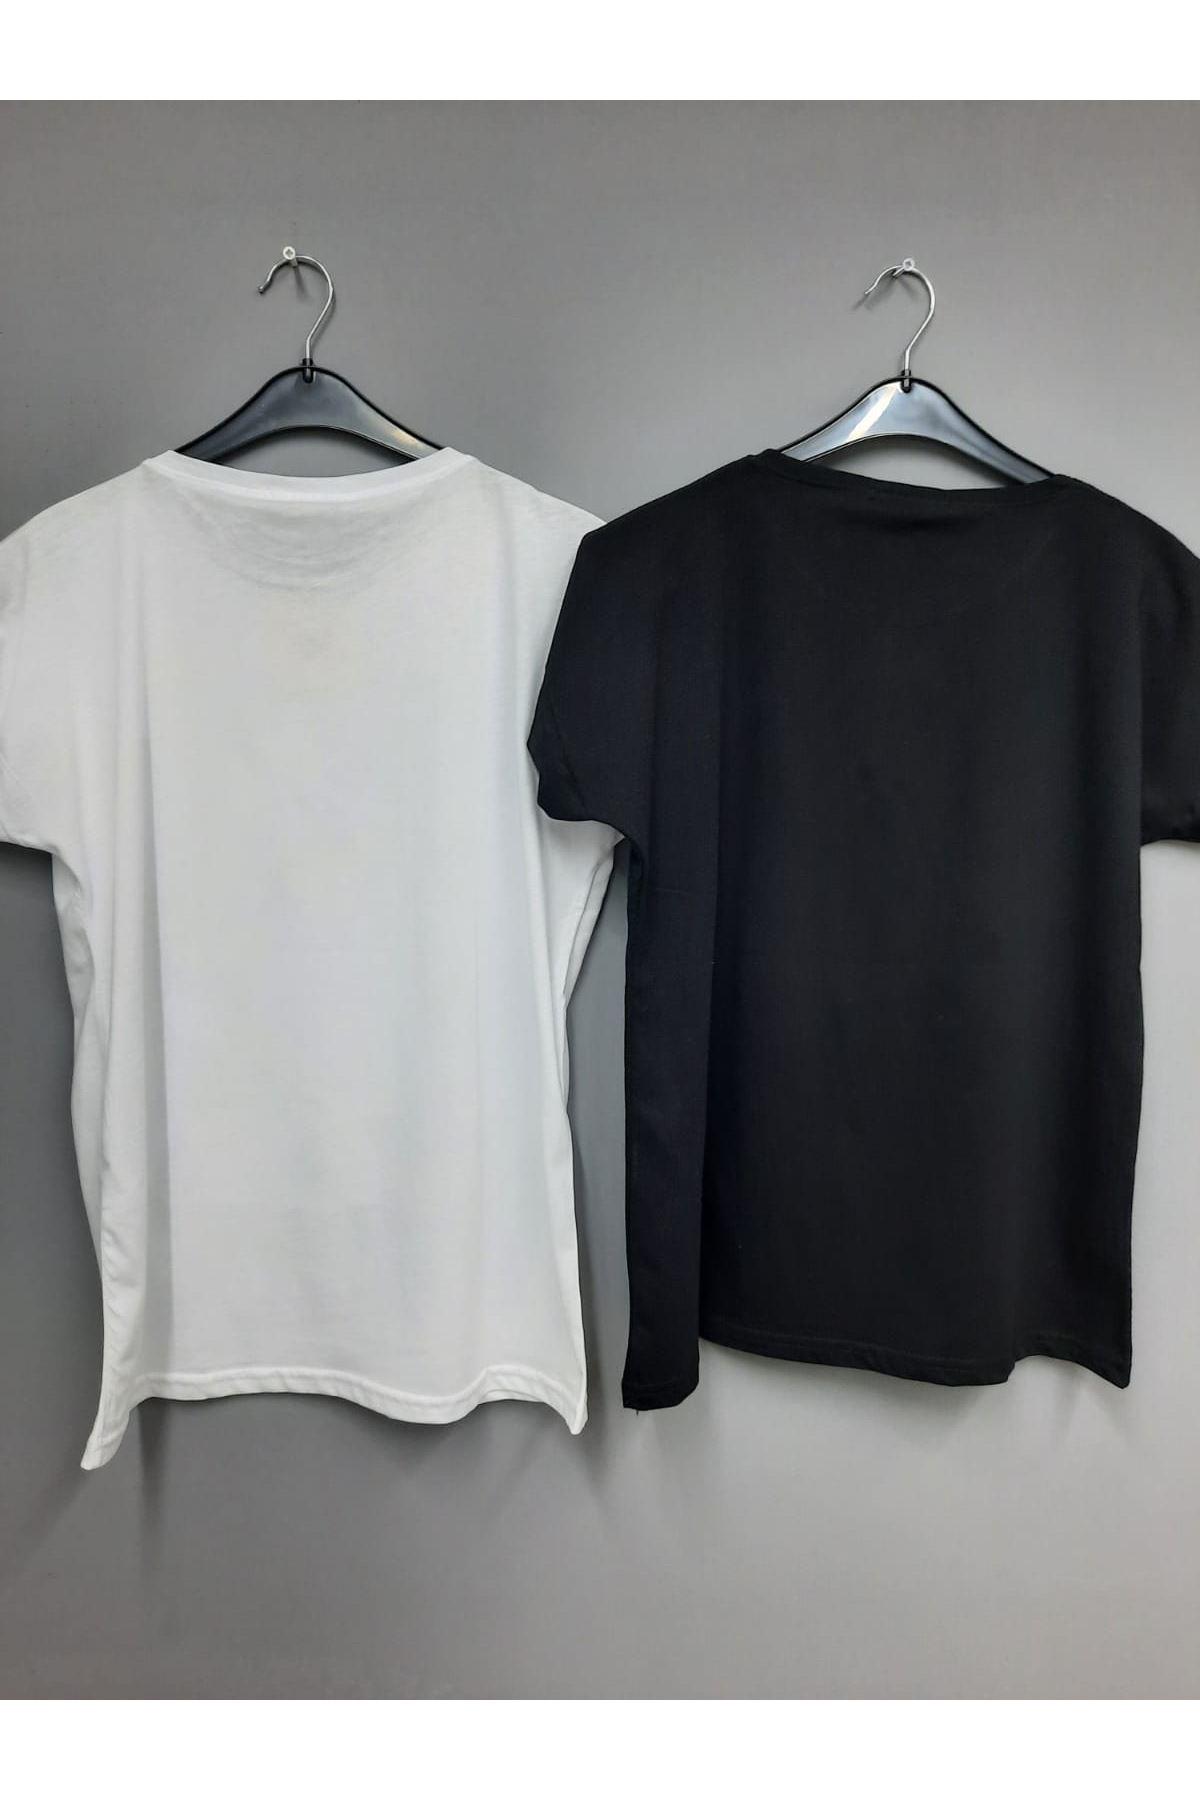 Baskılı Kısa Kol Tshirt - BEYAZ